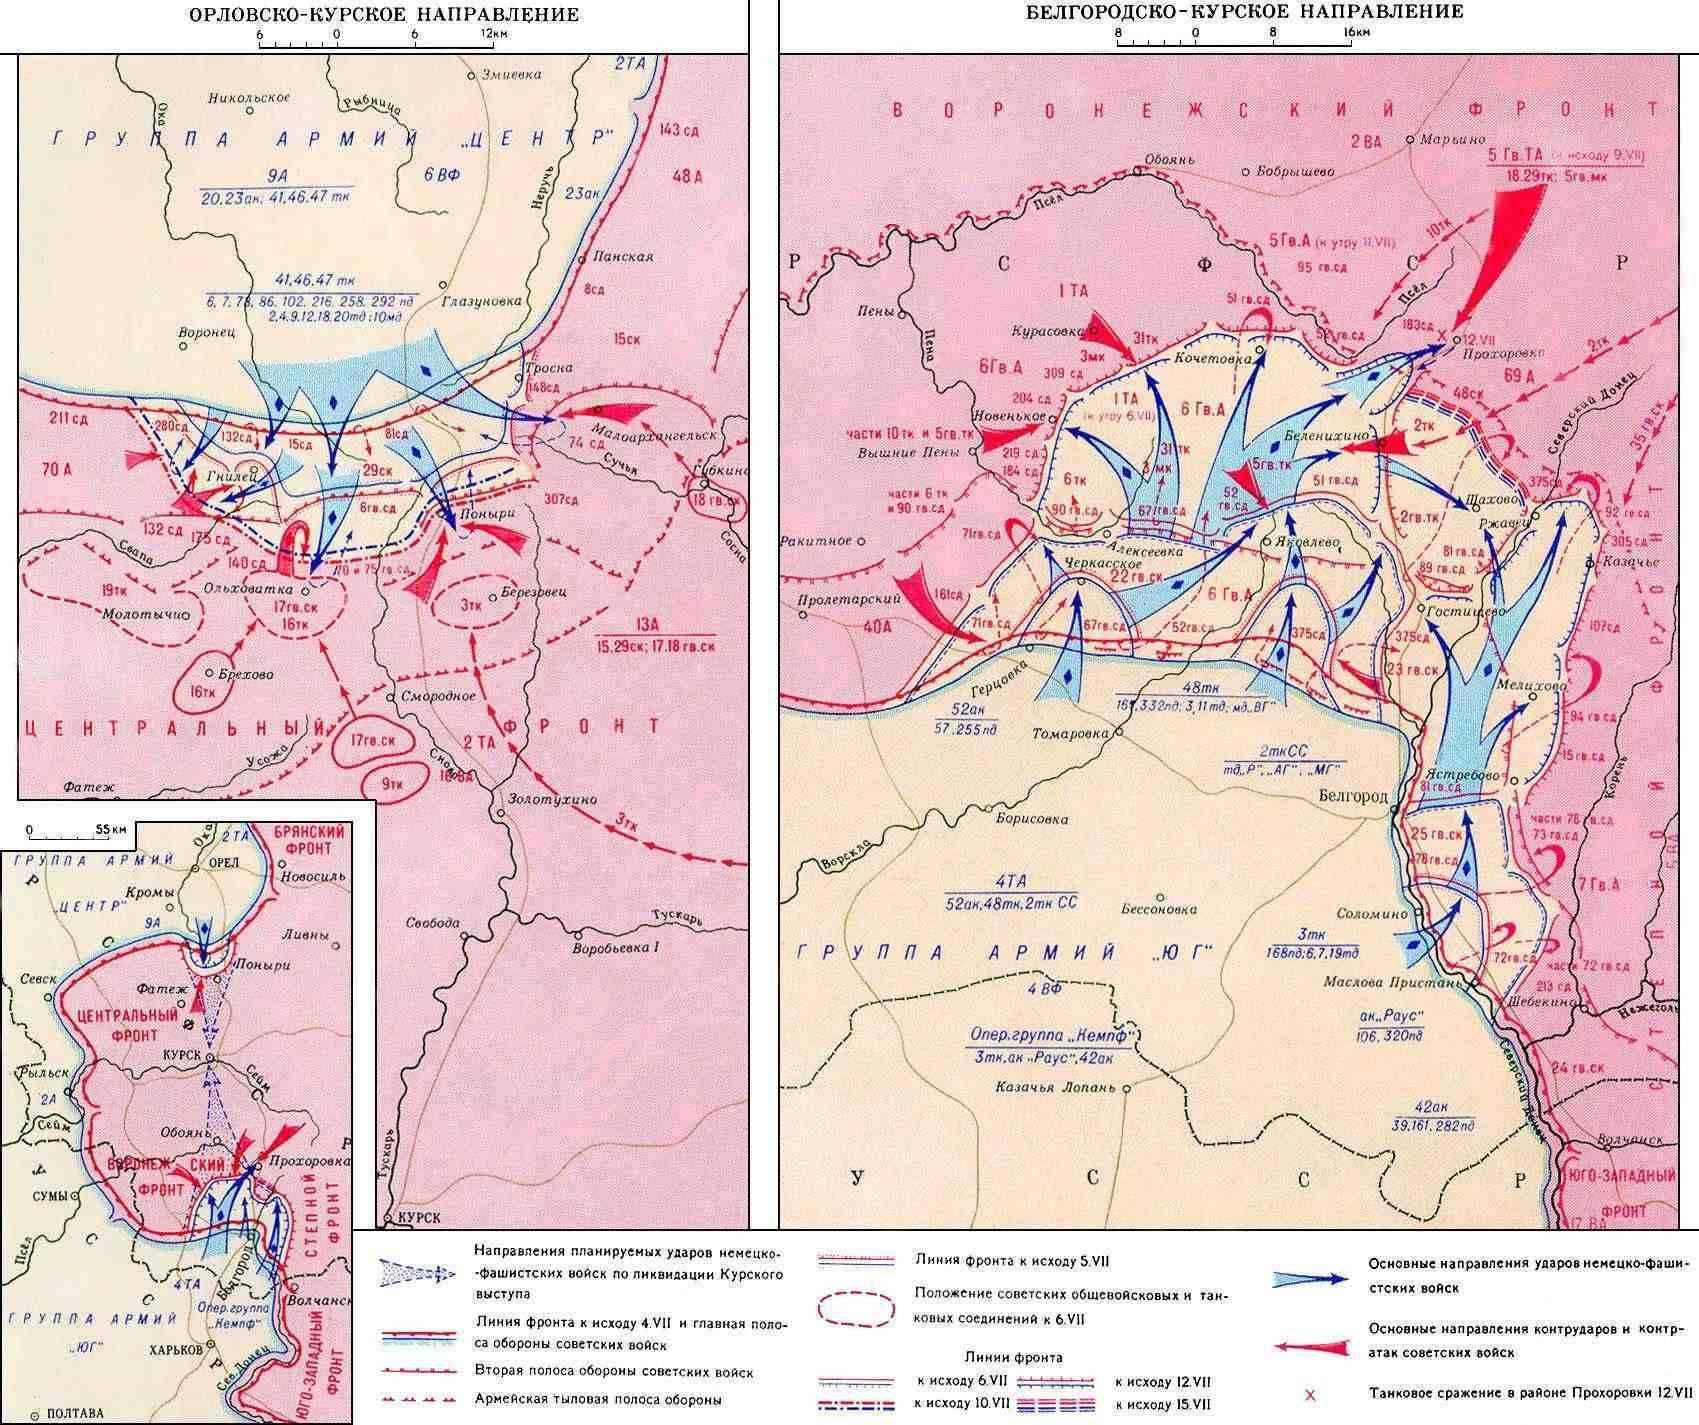 Romeohihnic RU Сегодня, 09:29 Вермахт потерял в Курской битве 30 отборных дивизий, в том числе семь танковых...